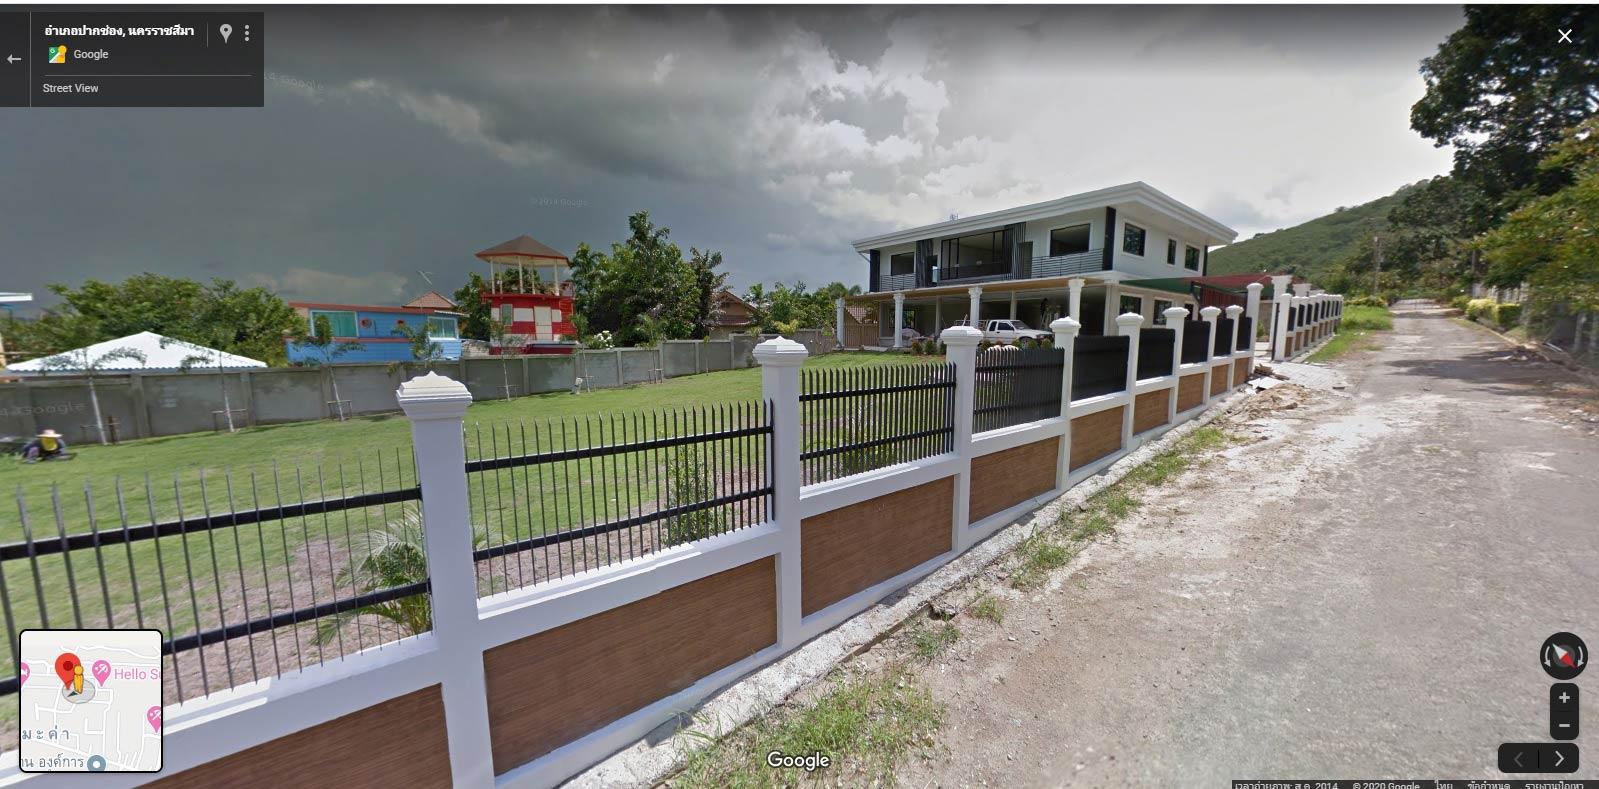 ภาพขายบ้านพร้อมเดี่ยว 2 ชั้นหมู่บ้านแลนด์บรีซ 3พื้นที่ 205 ตารางวา